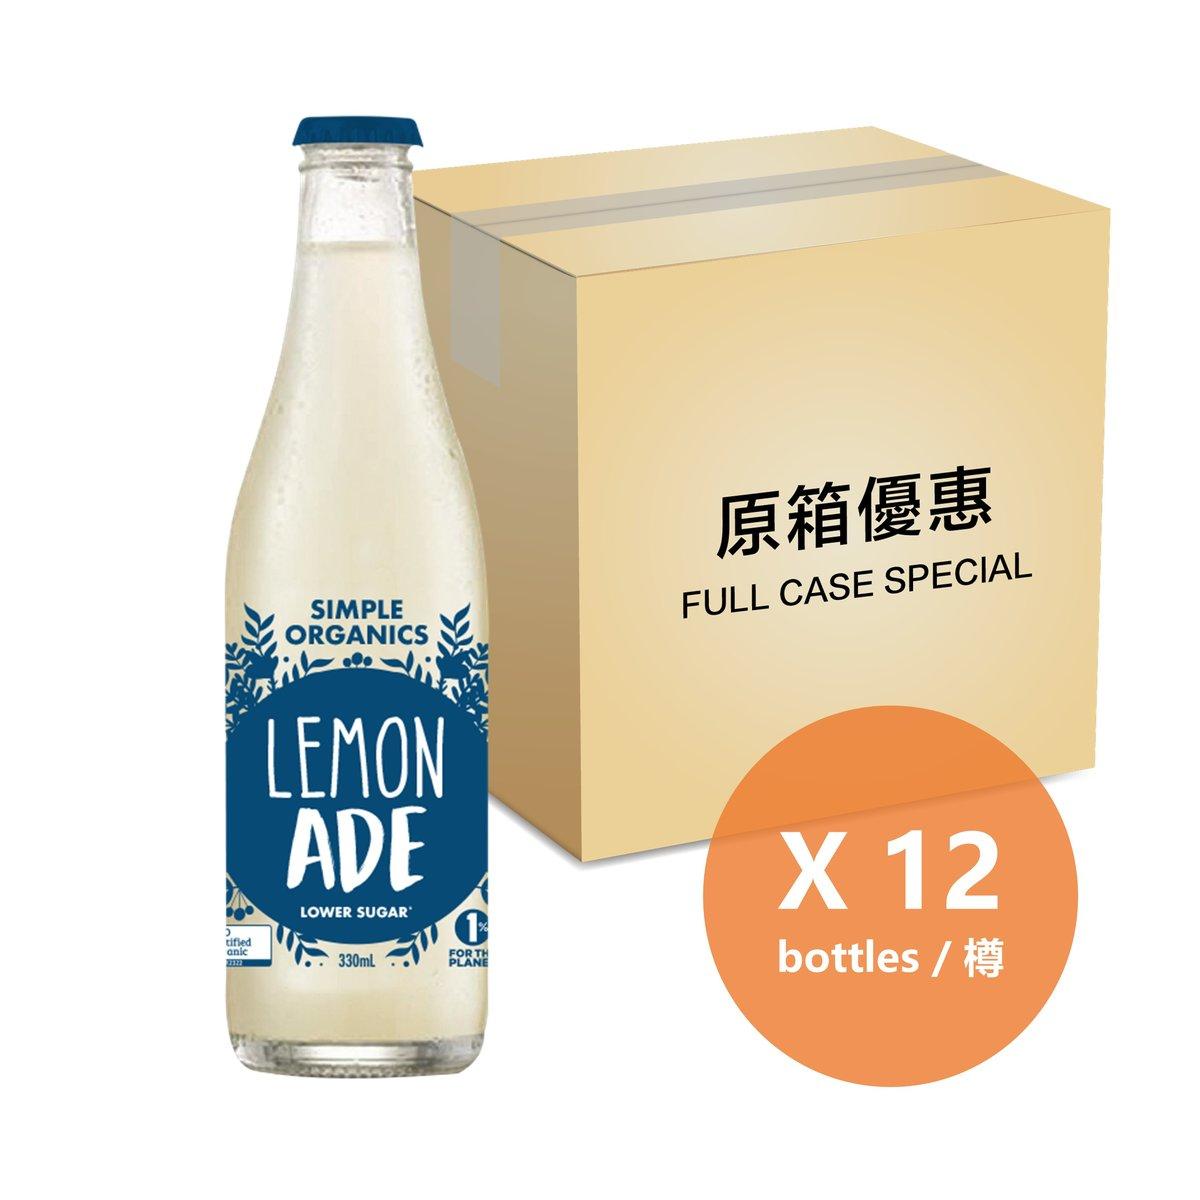 [原箱] 有機檸檬梳打 - 325毫升樽裝